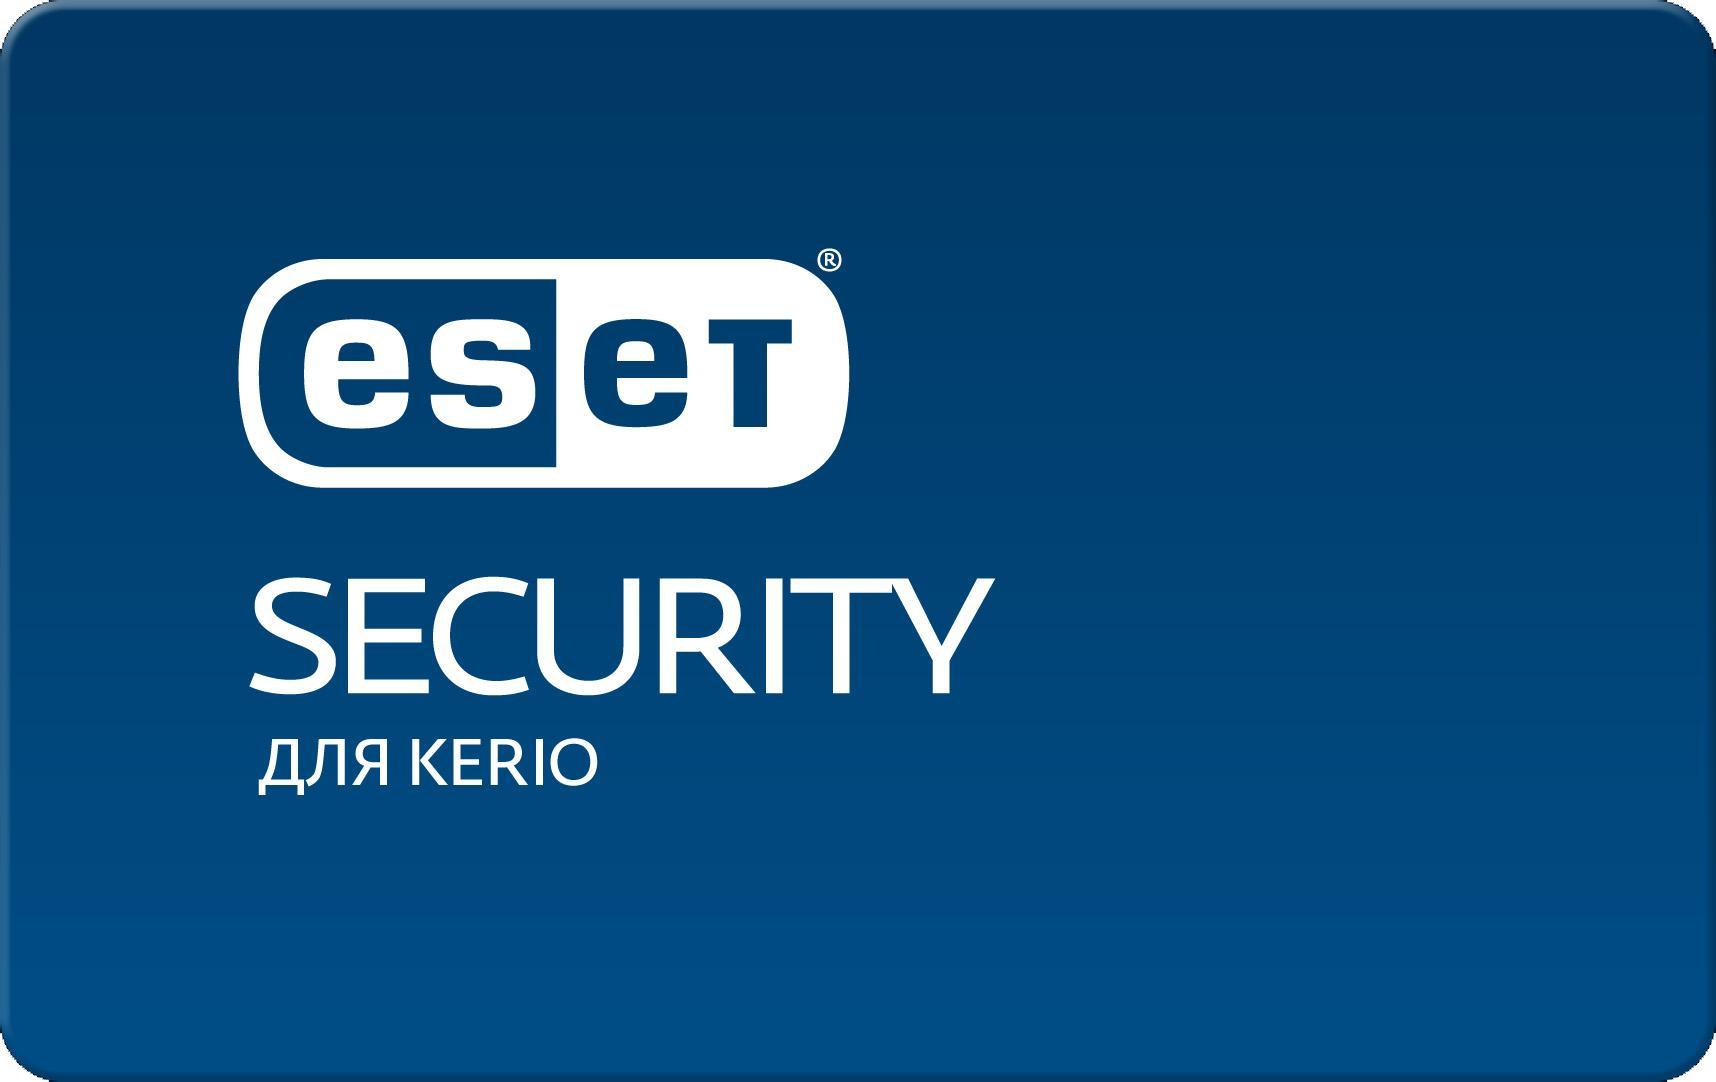 Защита почтовых серверов и интернет-шлюзов Eset Security для Kerio  для 200 пользователей